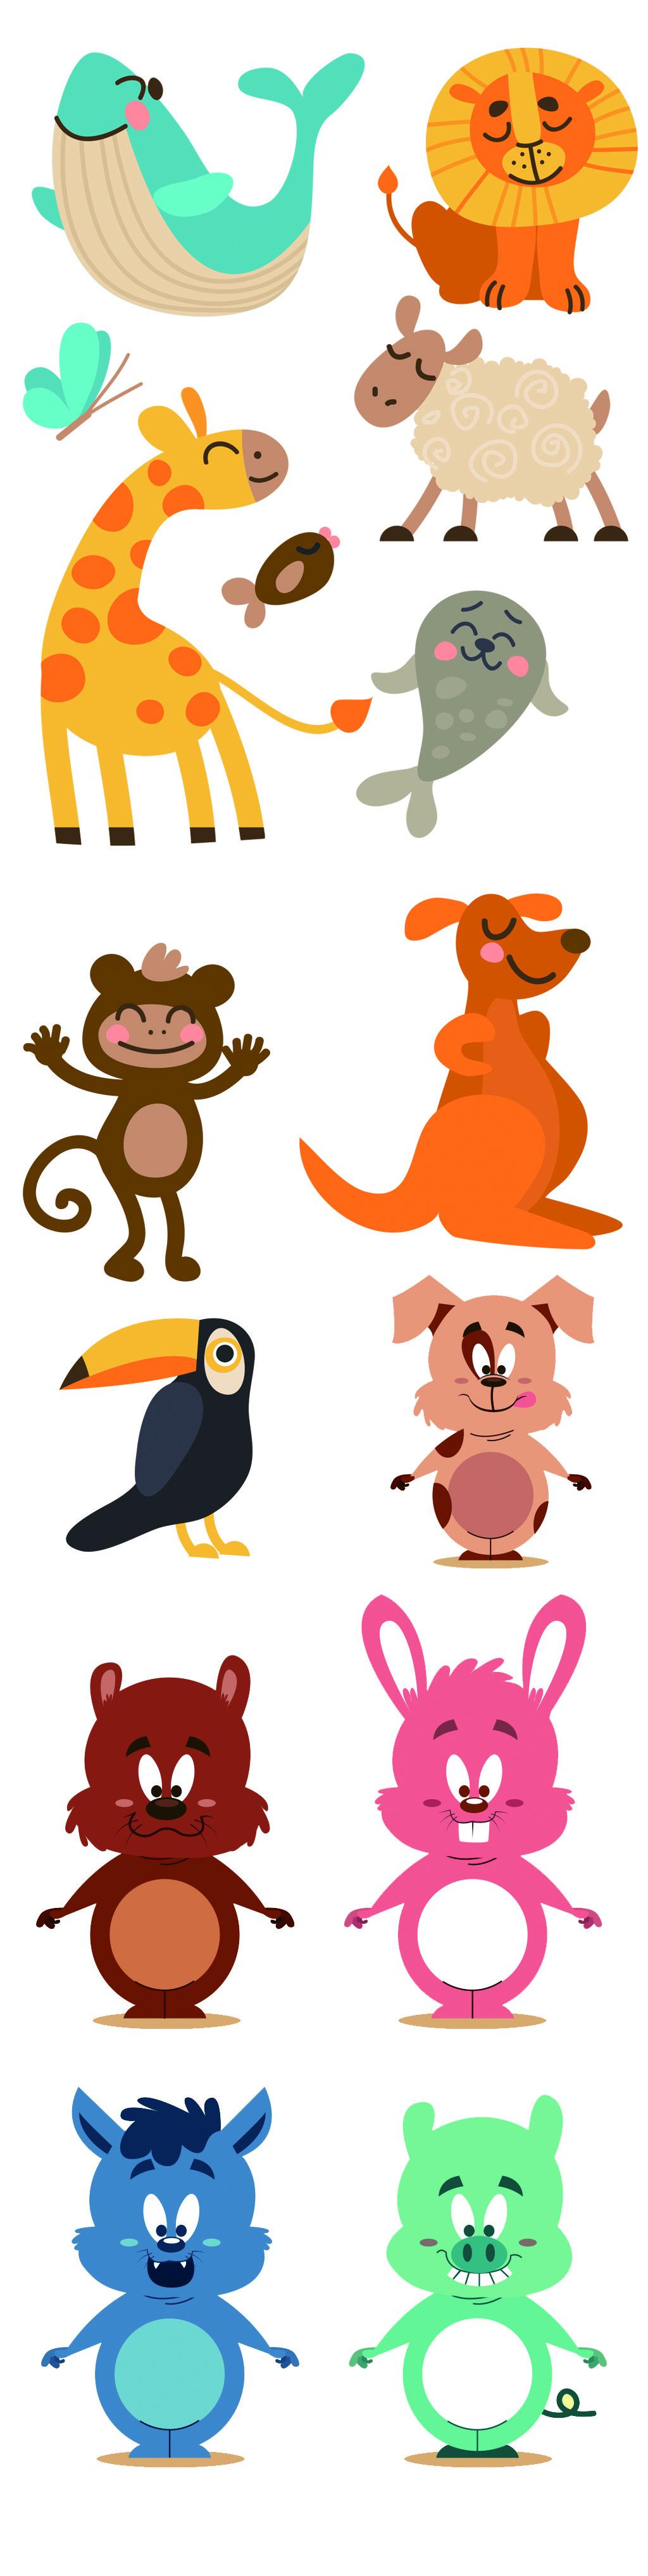 可爱手绘卡通小动物ai矢量素材图片设计_高清ai模板()